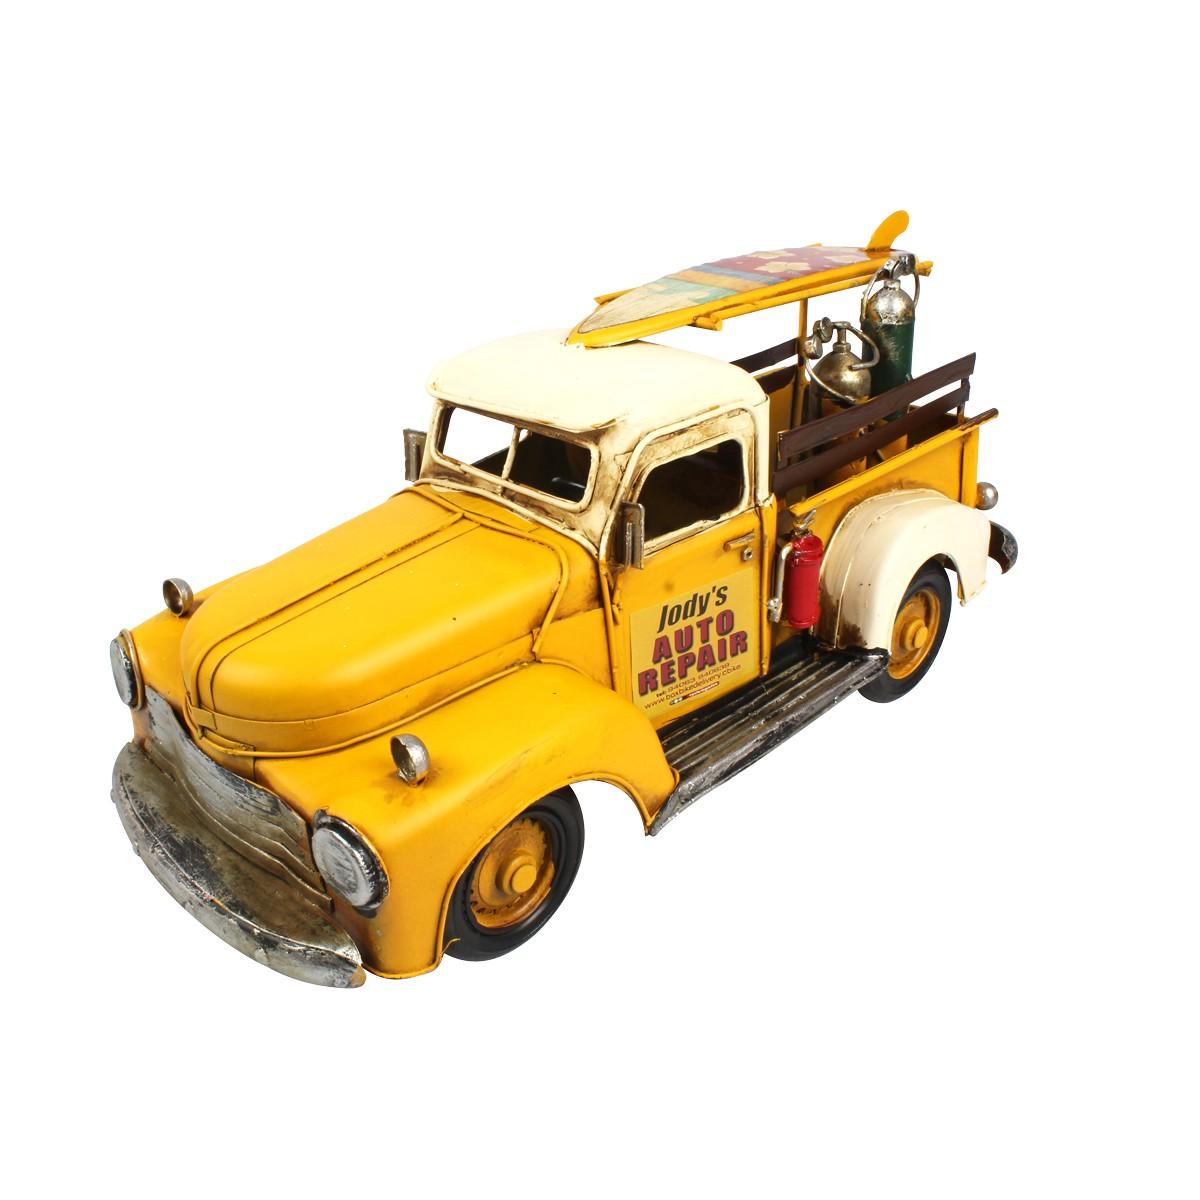 Carro de Metal Retrô Jody´s Auto Repair Chevrolet 1953 Amarelo